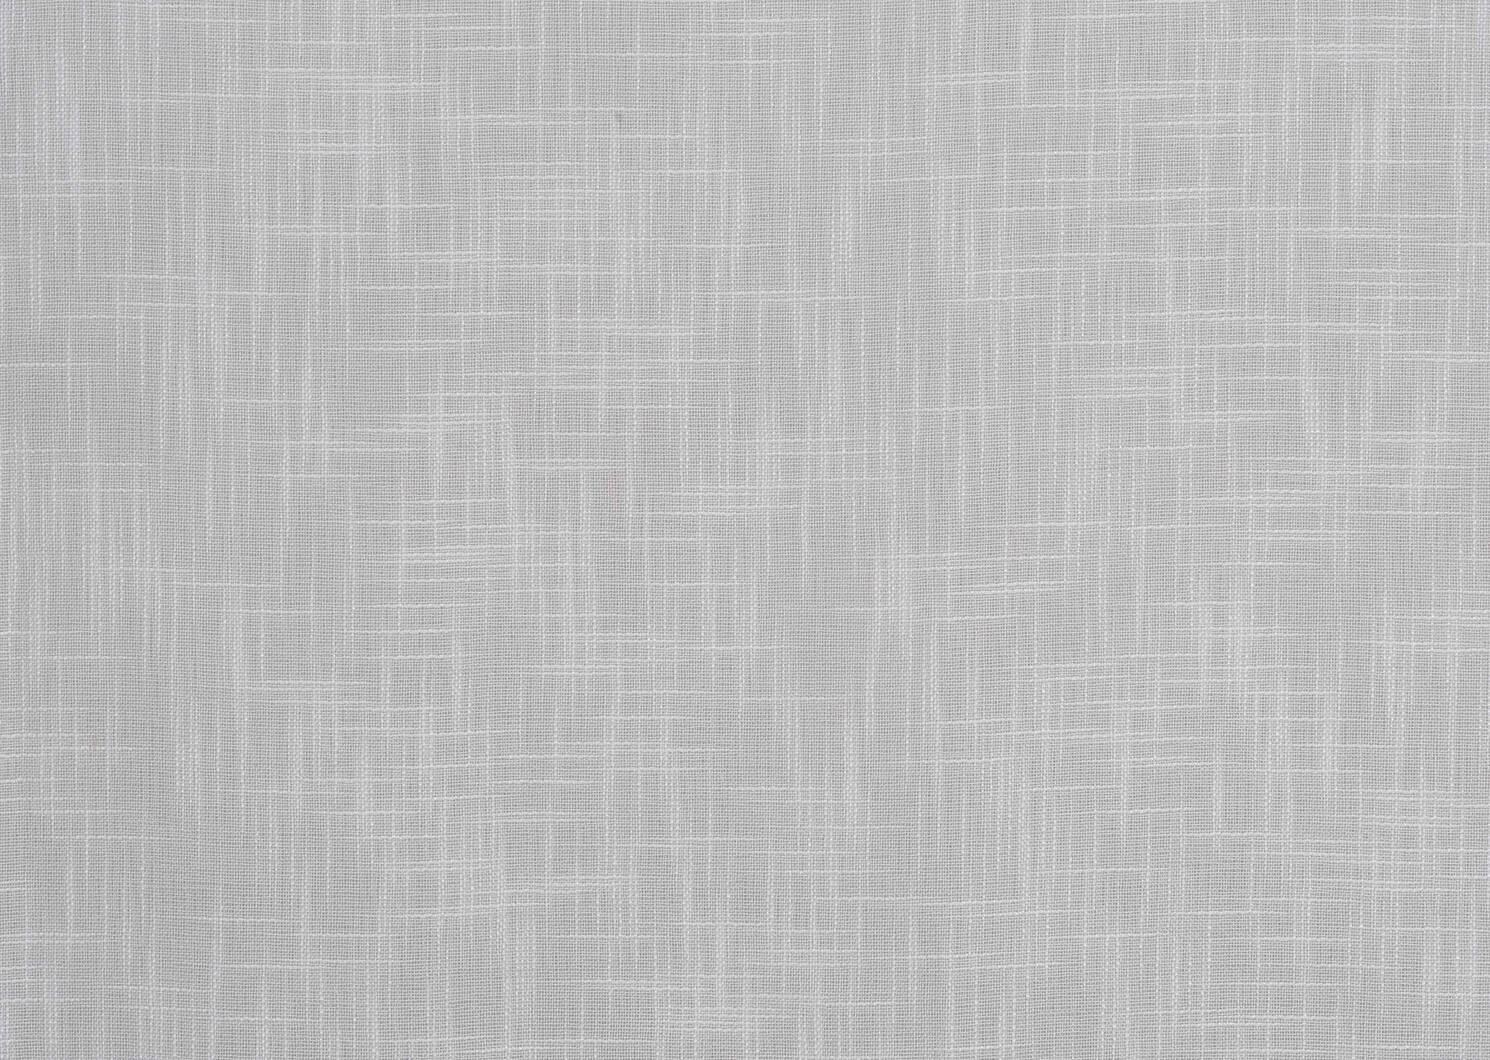 Voilage texturé Malini 96 argenté